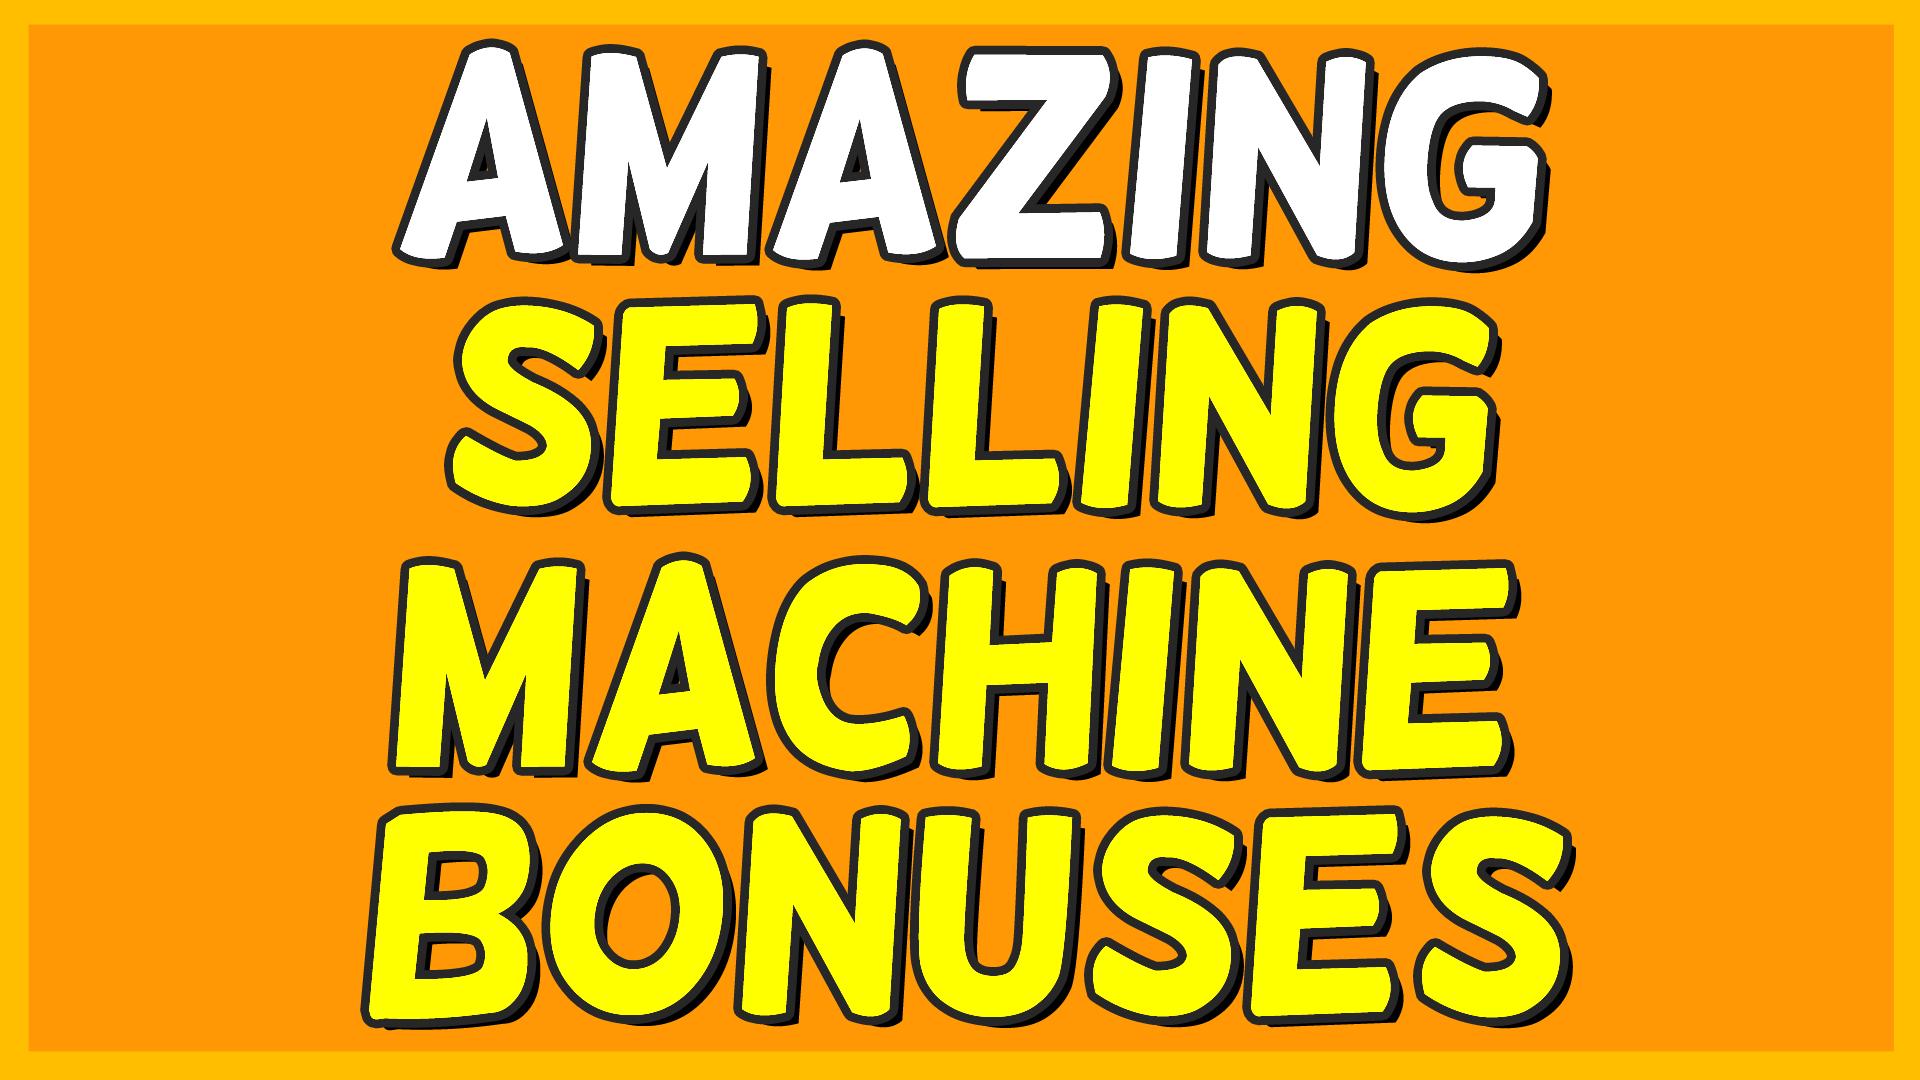 Amazing Selling Machine Bonuses